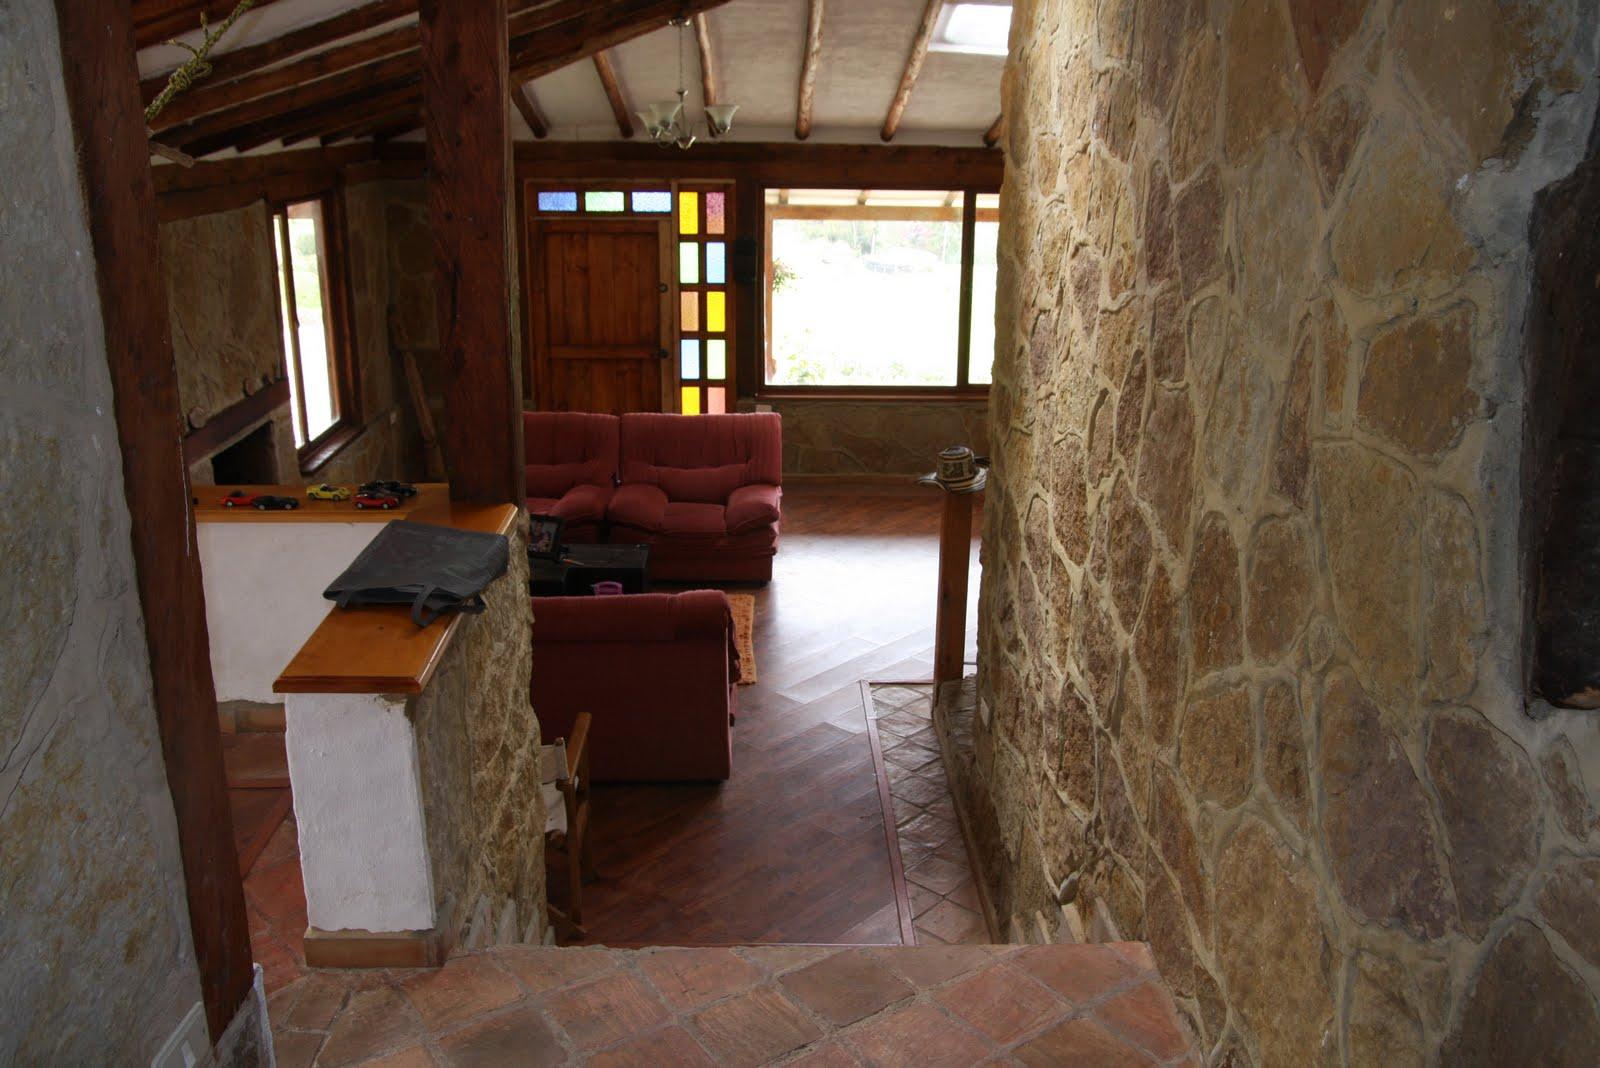 Casa en piedra modelo tipo 2 casa en piedra modelo tipo 2 - Modelos de casas de piedra ...